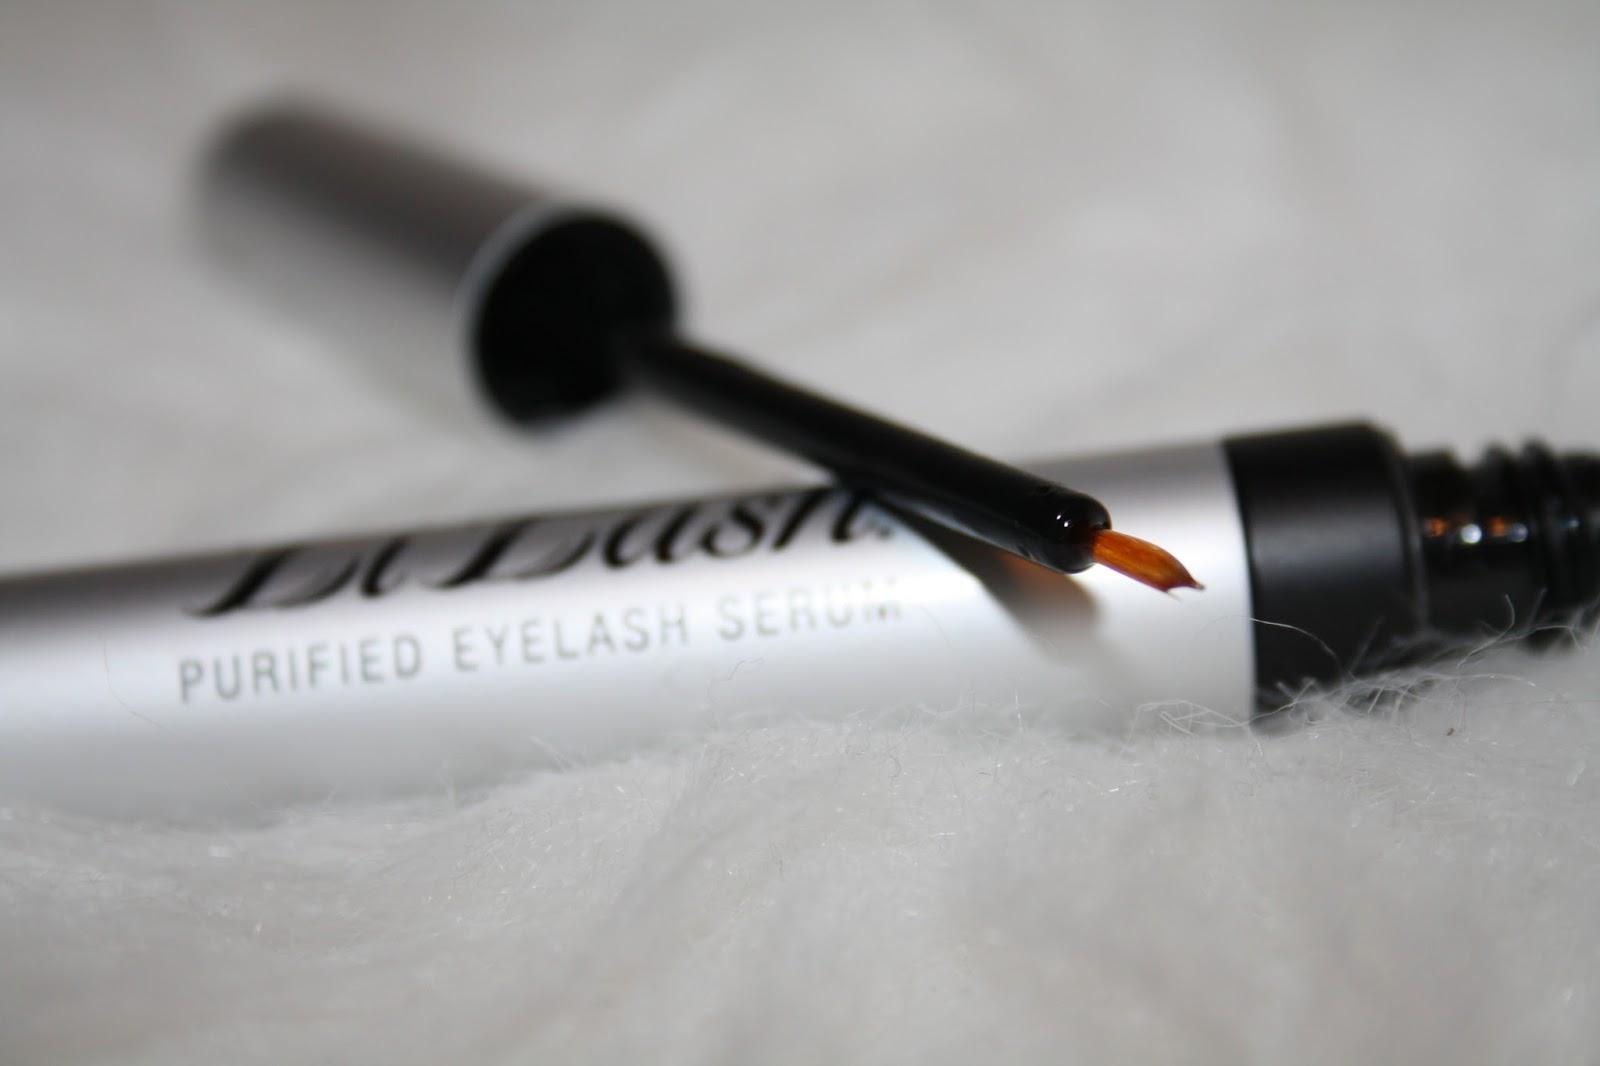 Lilash & LiBrow - Eyelash and Eyebrow Enhancing Serum